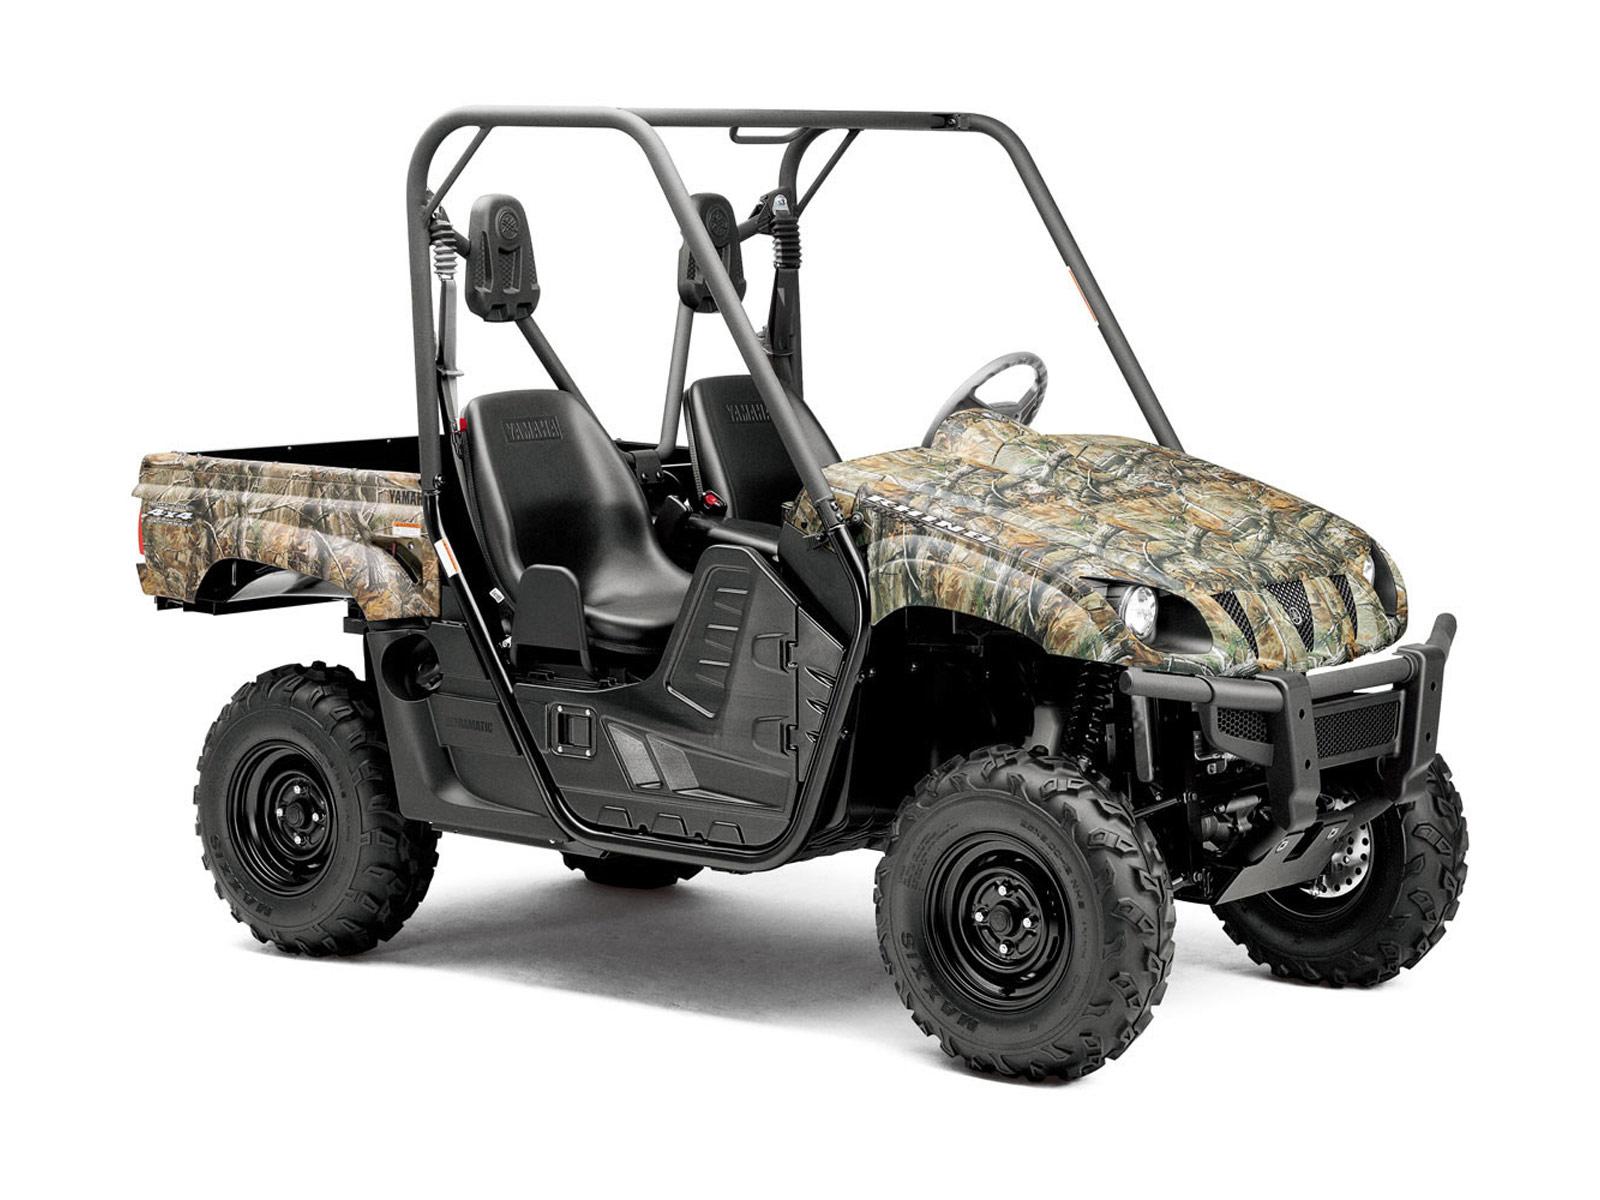 2014 Yamaha Rhino Yamaha popularized the side by